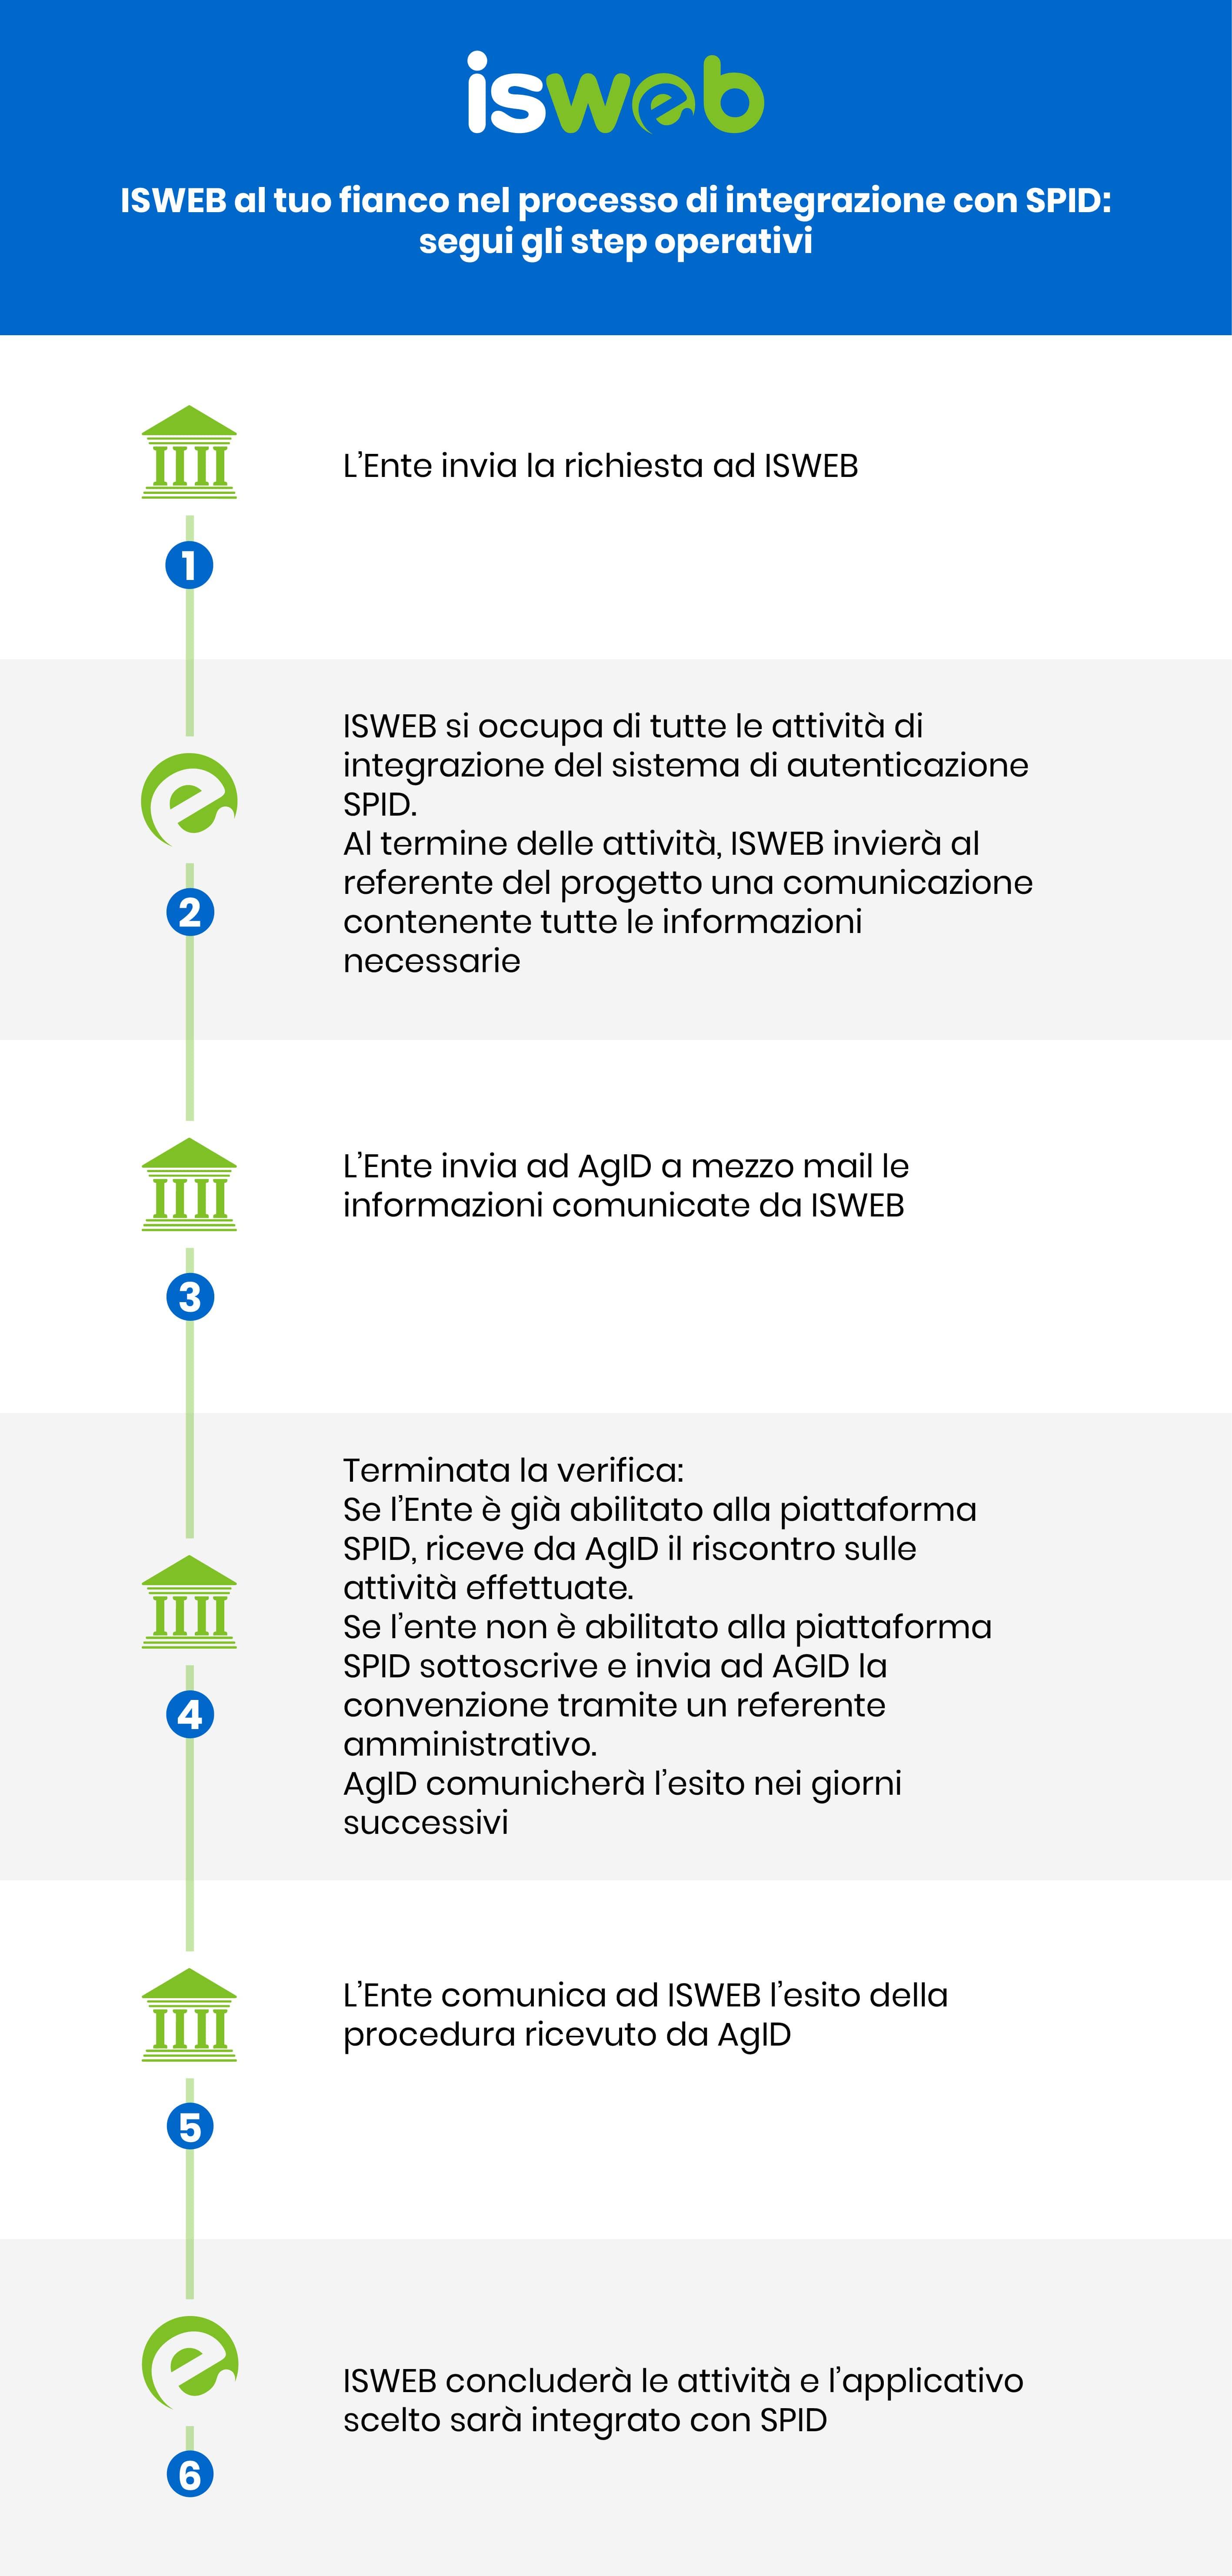 Integrazione con SPID - passi operativi